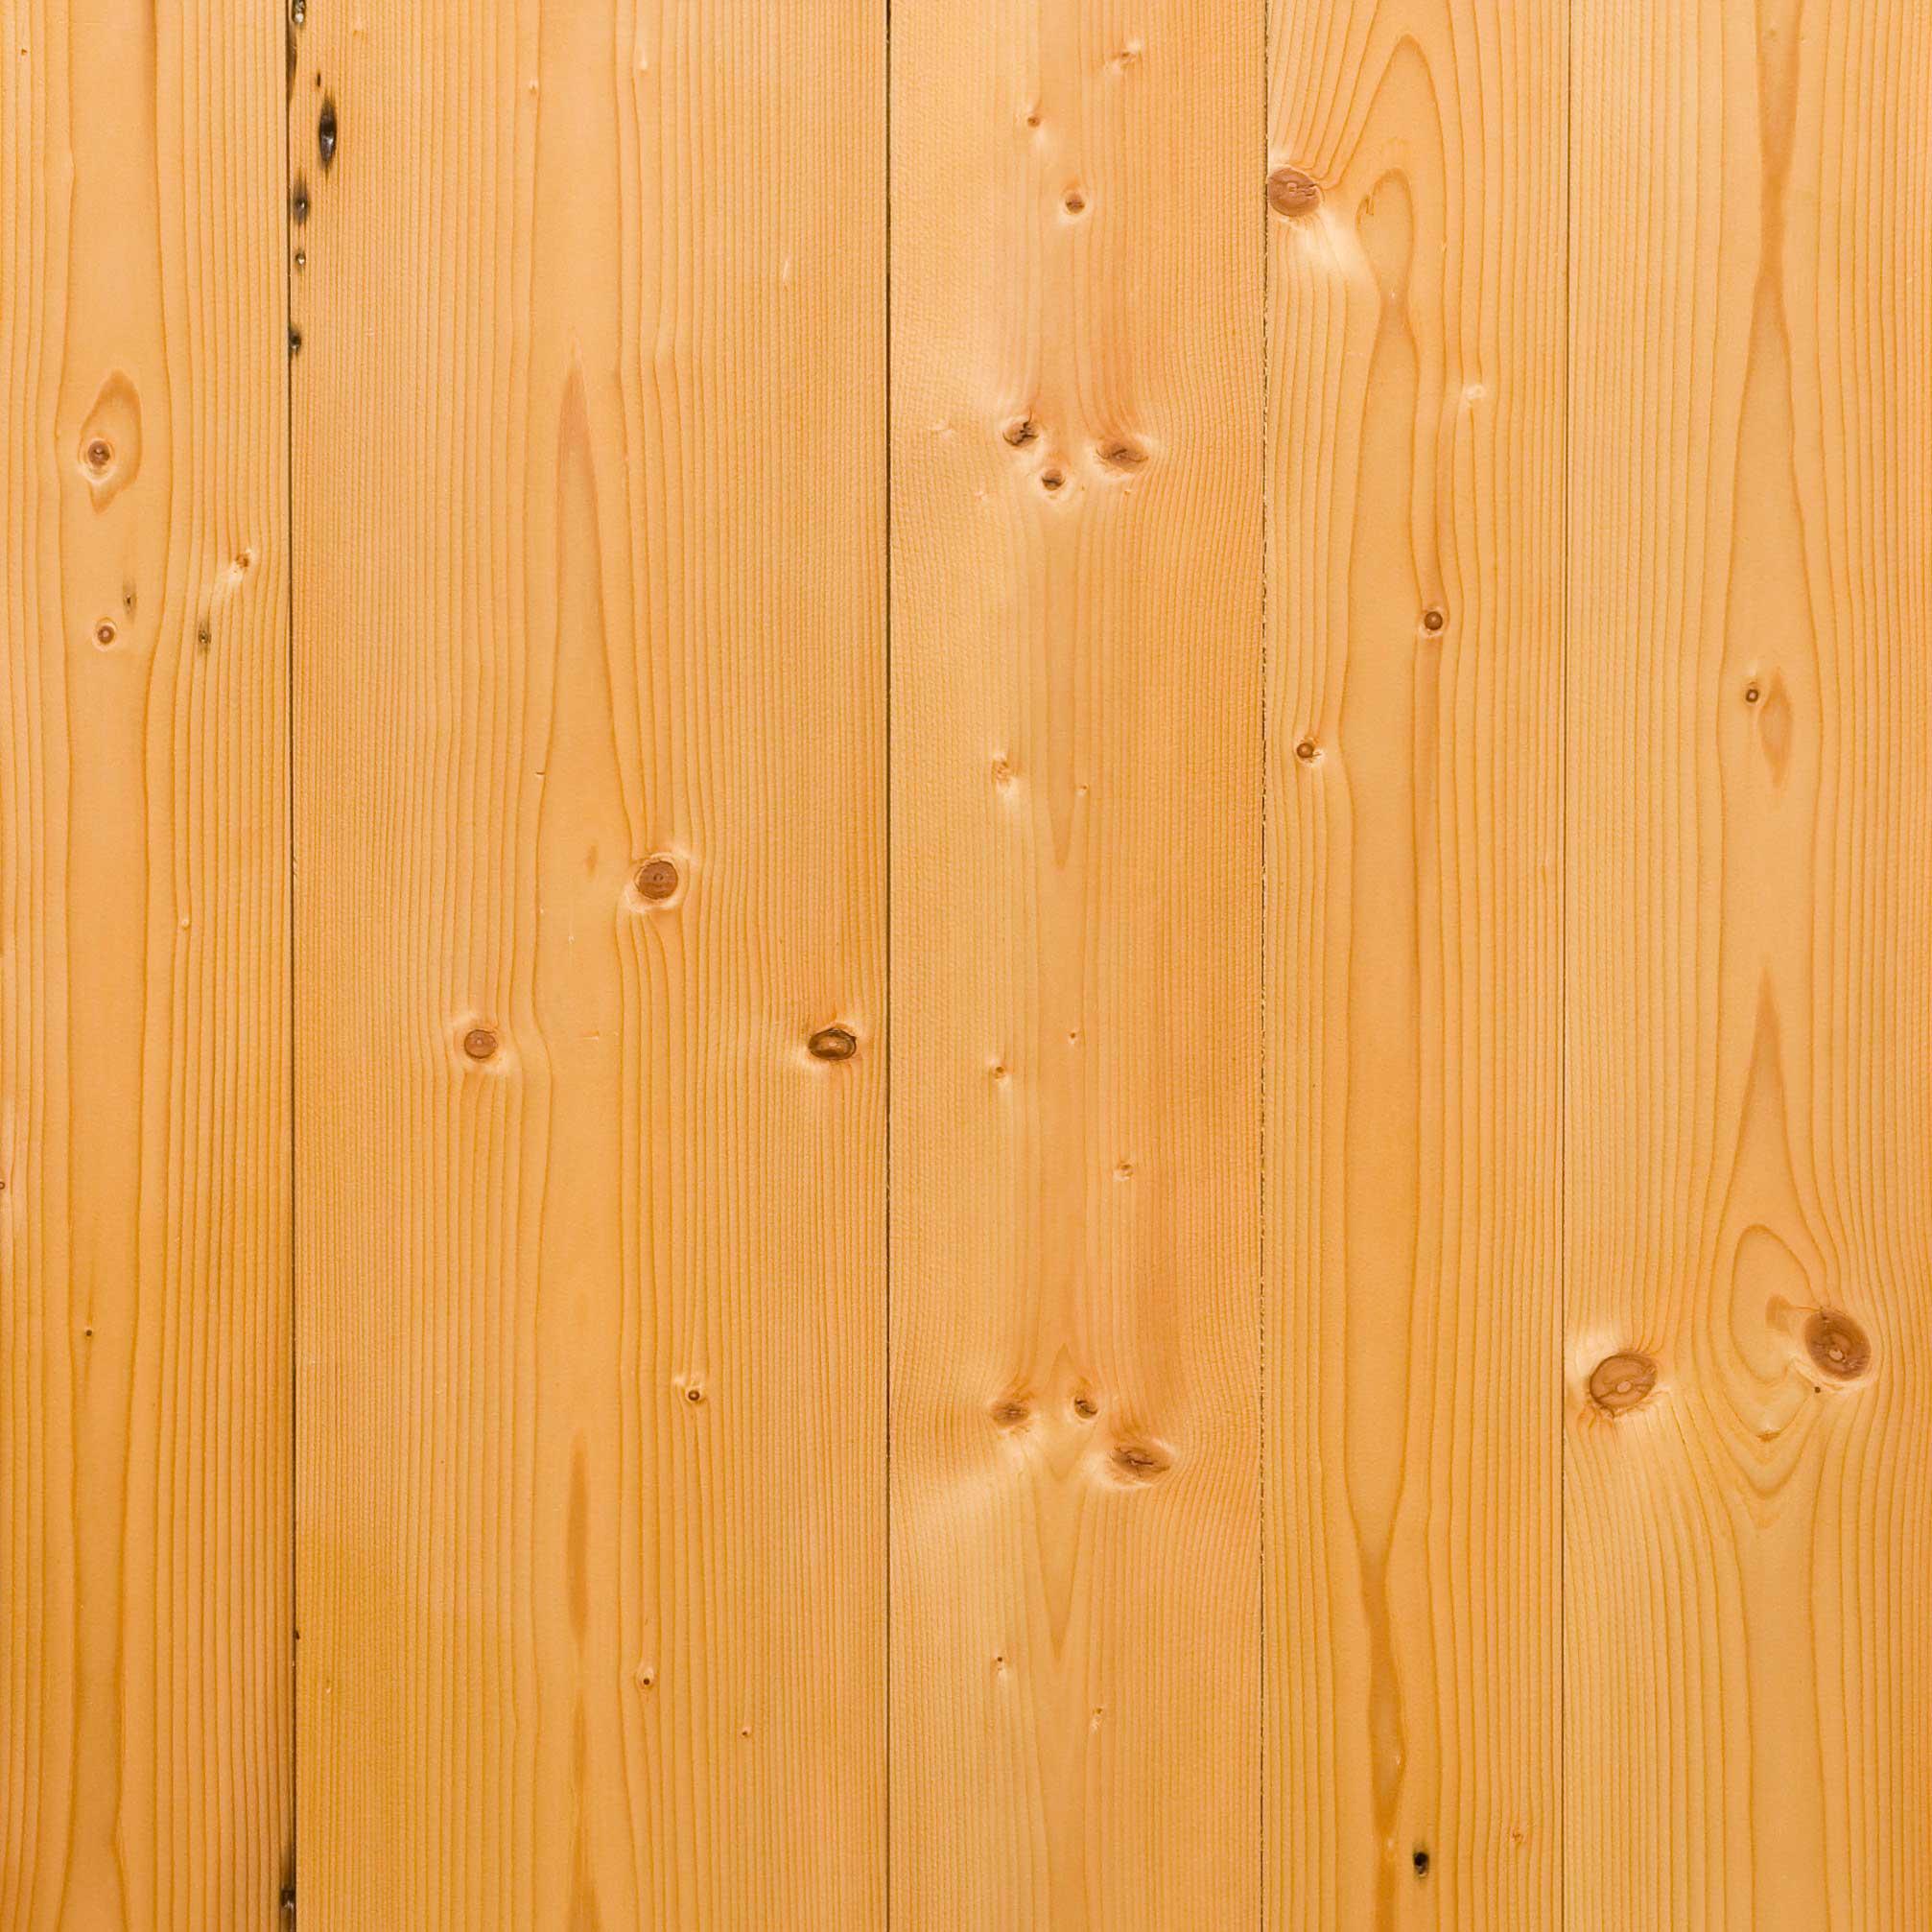 Longleaf lumber reclaimed spruce flooring special Reclaimed teak flooring